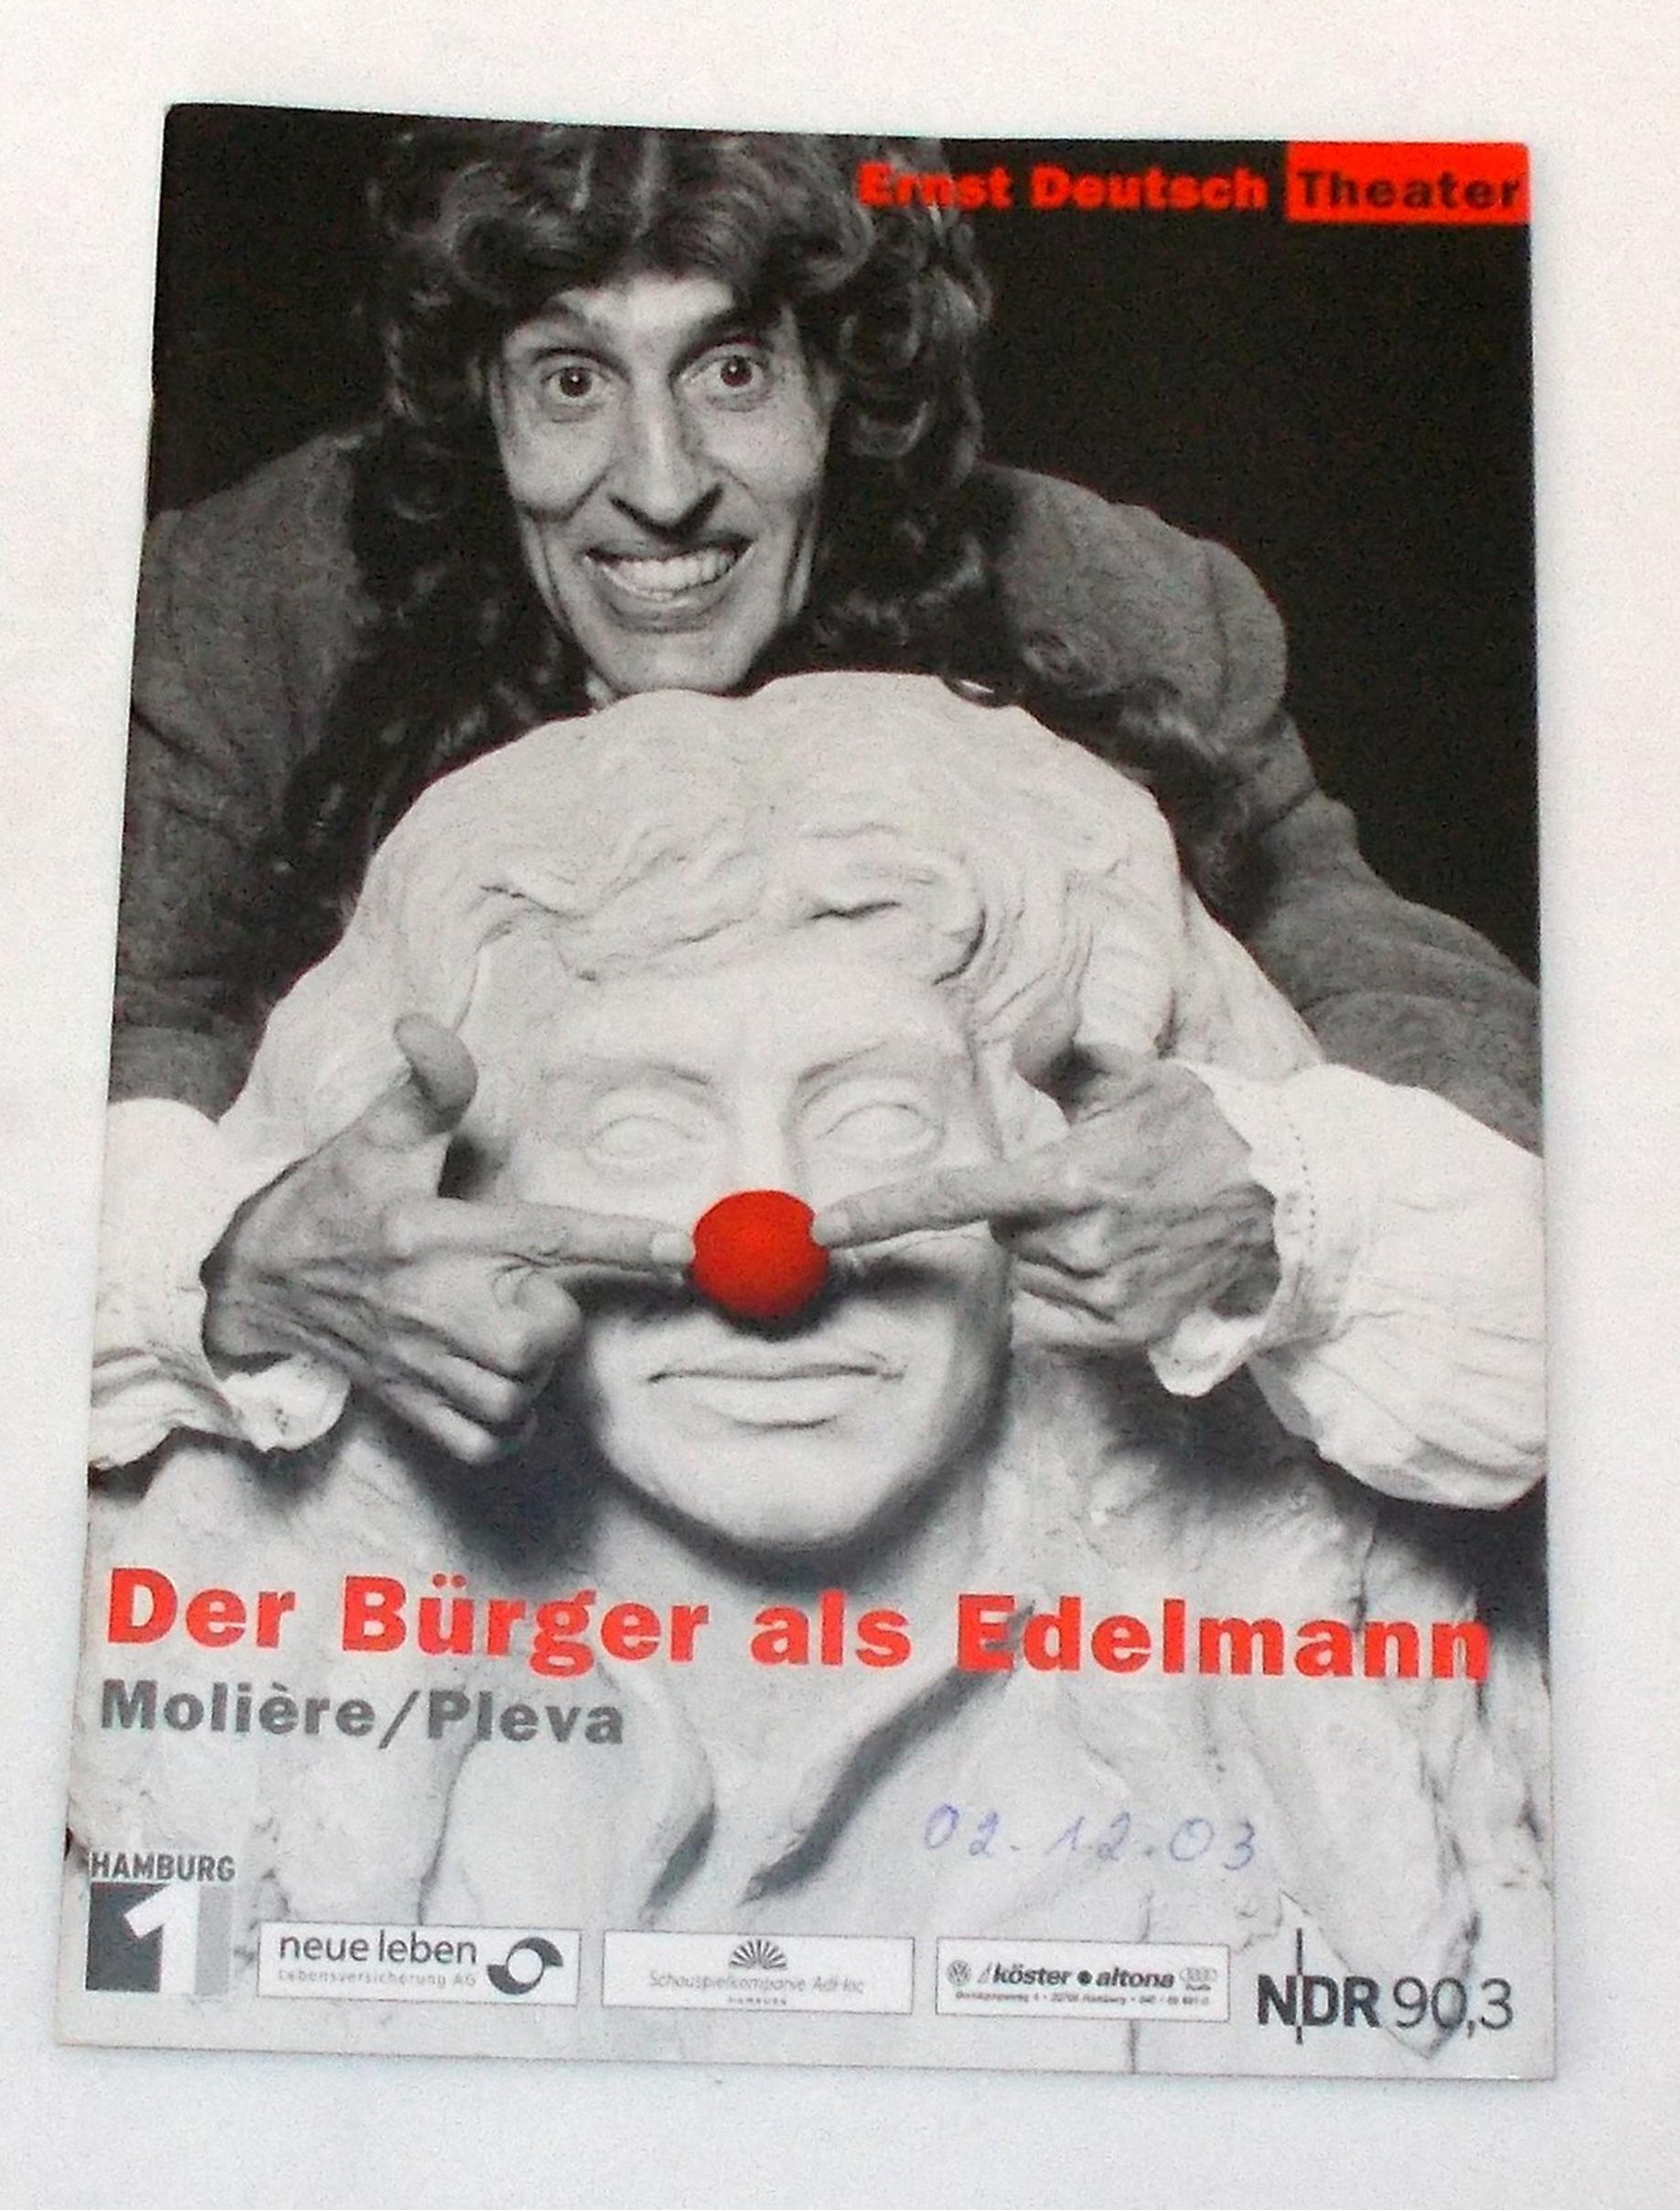 Programmheft Der Bürger als Edelmann Moliere / Pleva Ernst Deutsch Theater 2003